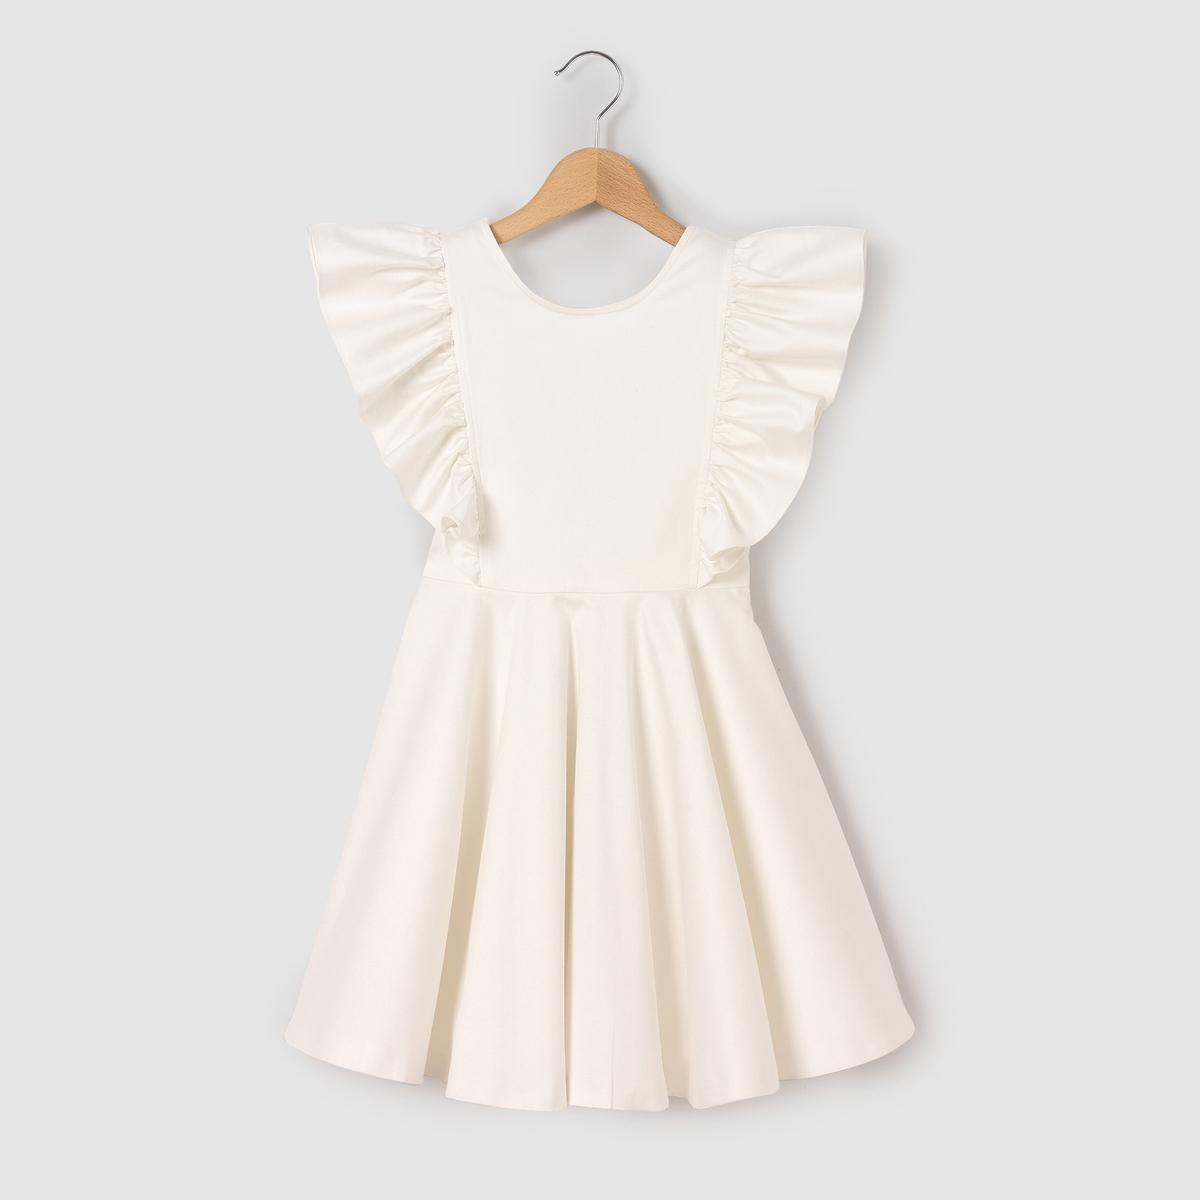 Платье однотонное средней длины, расширяющееся к низу, без рукавов